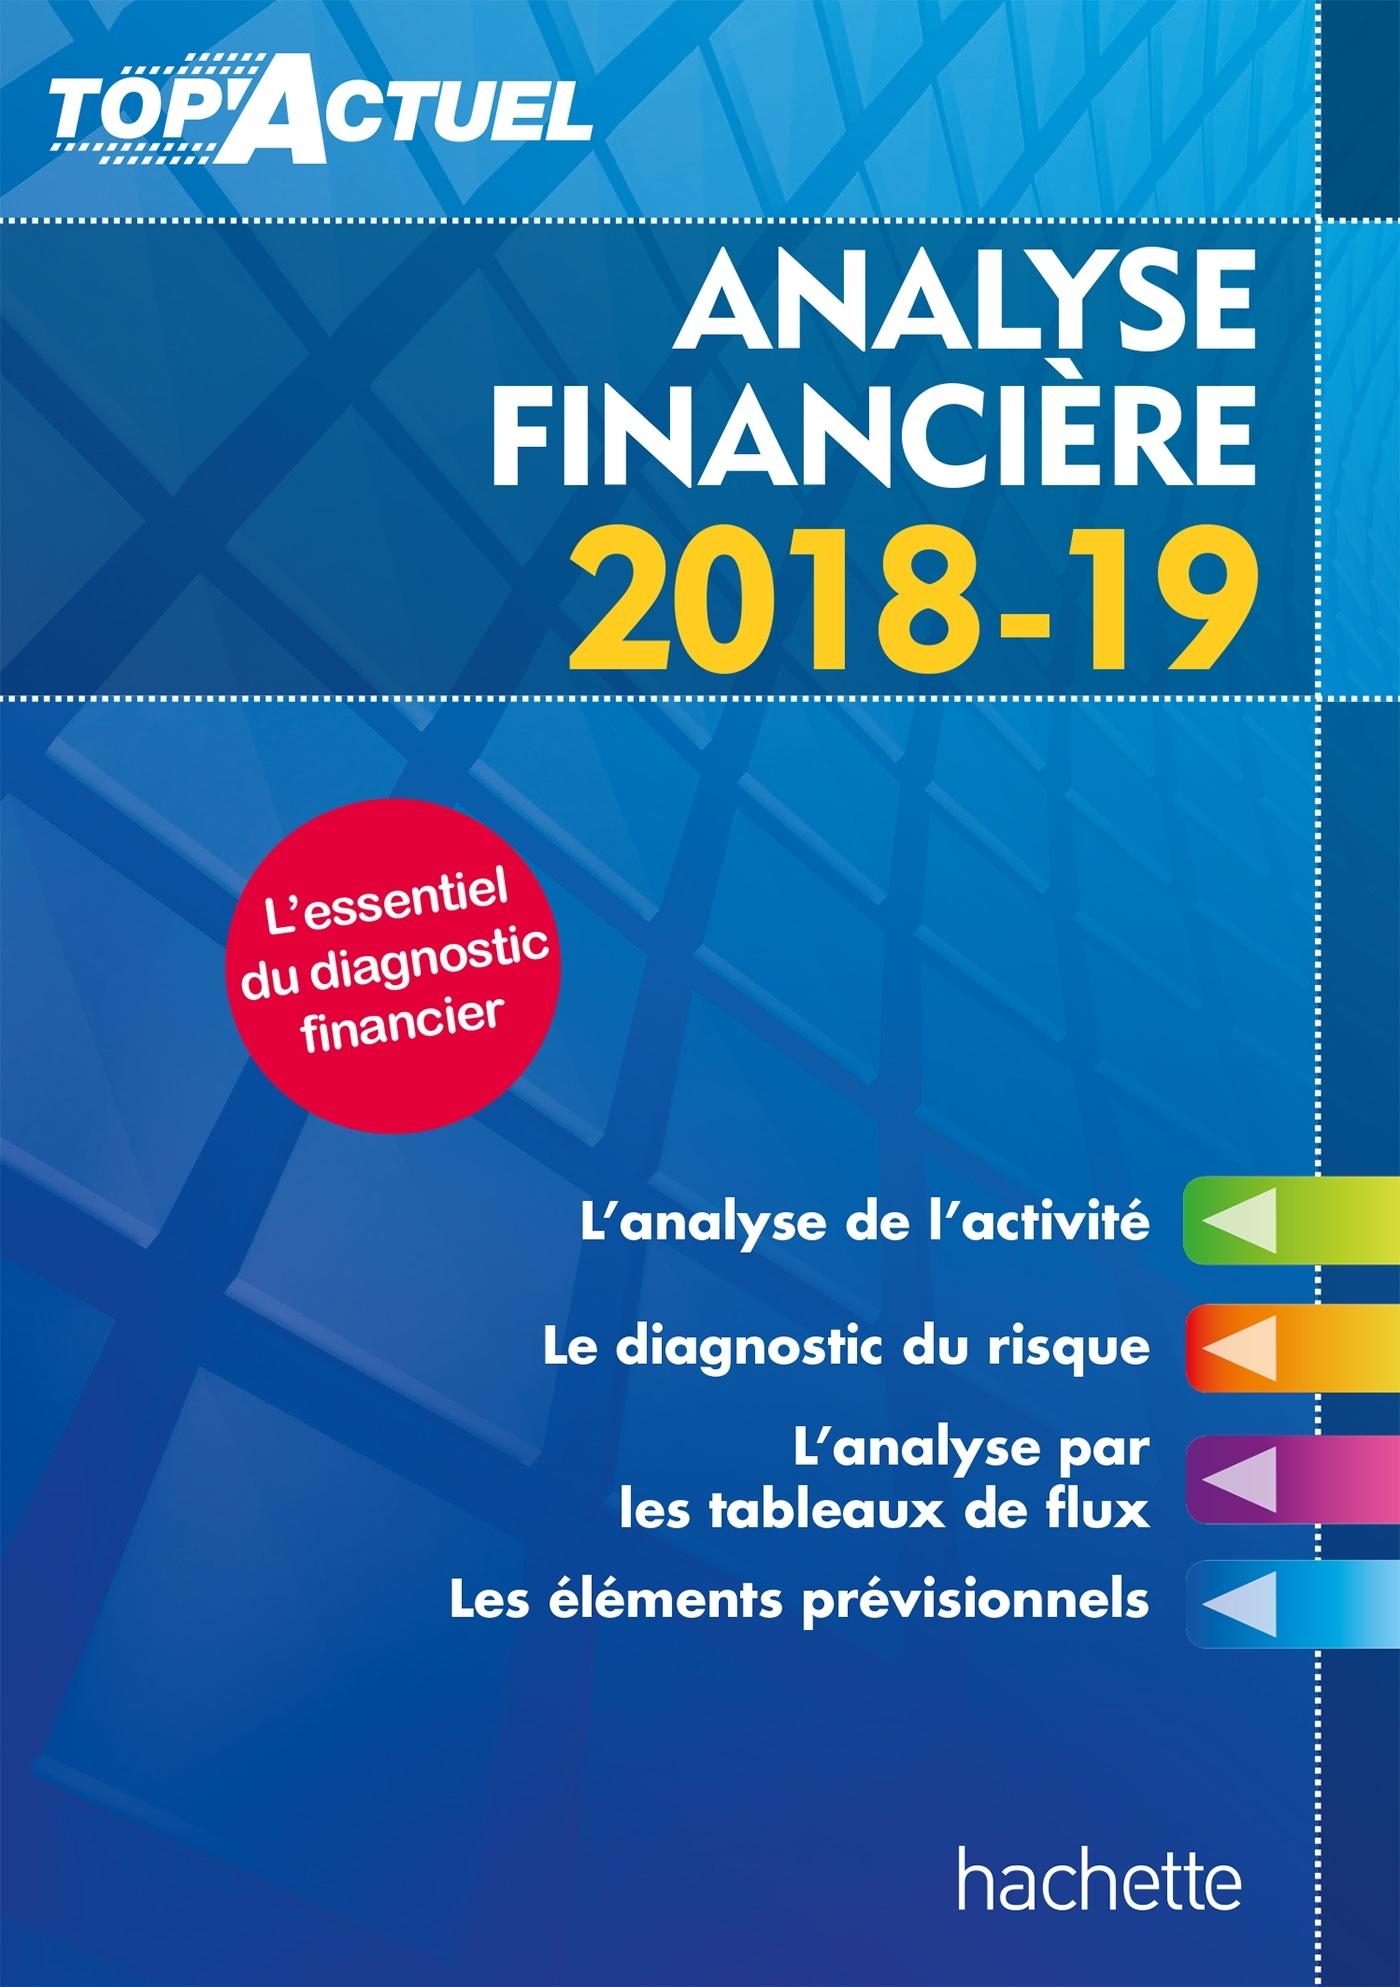 TOP'ACTUEL ANALYSE FINANCIERE 2018-2019